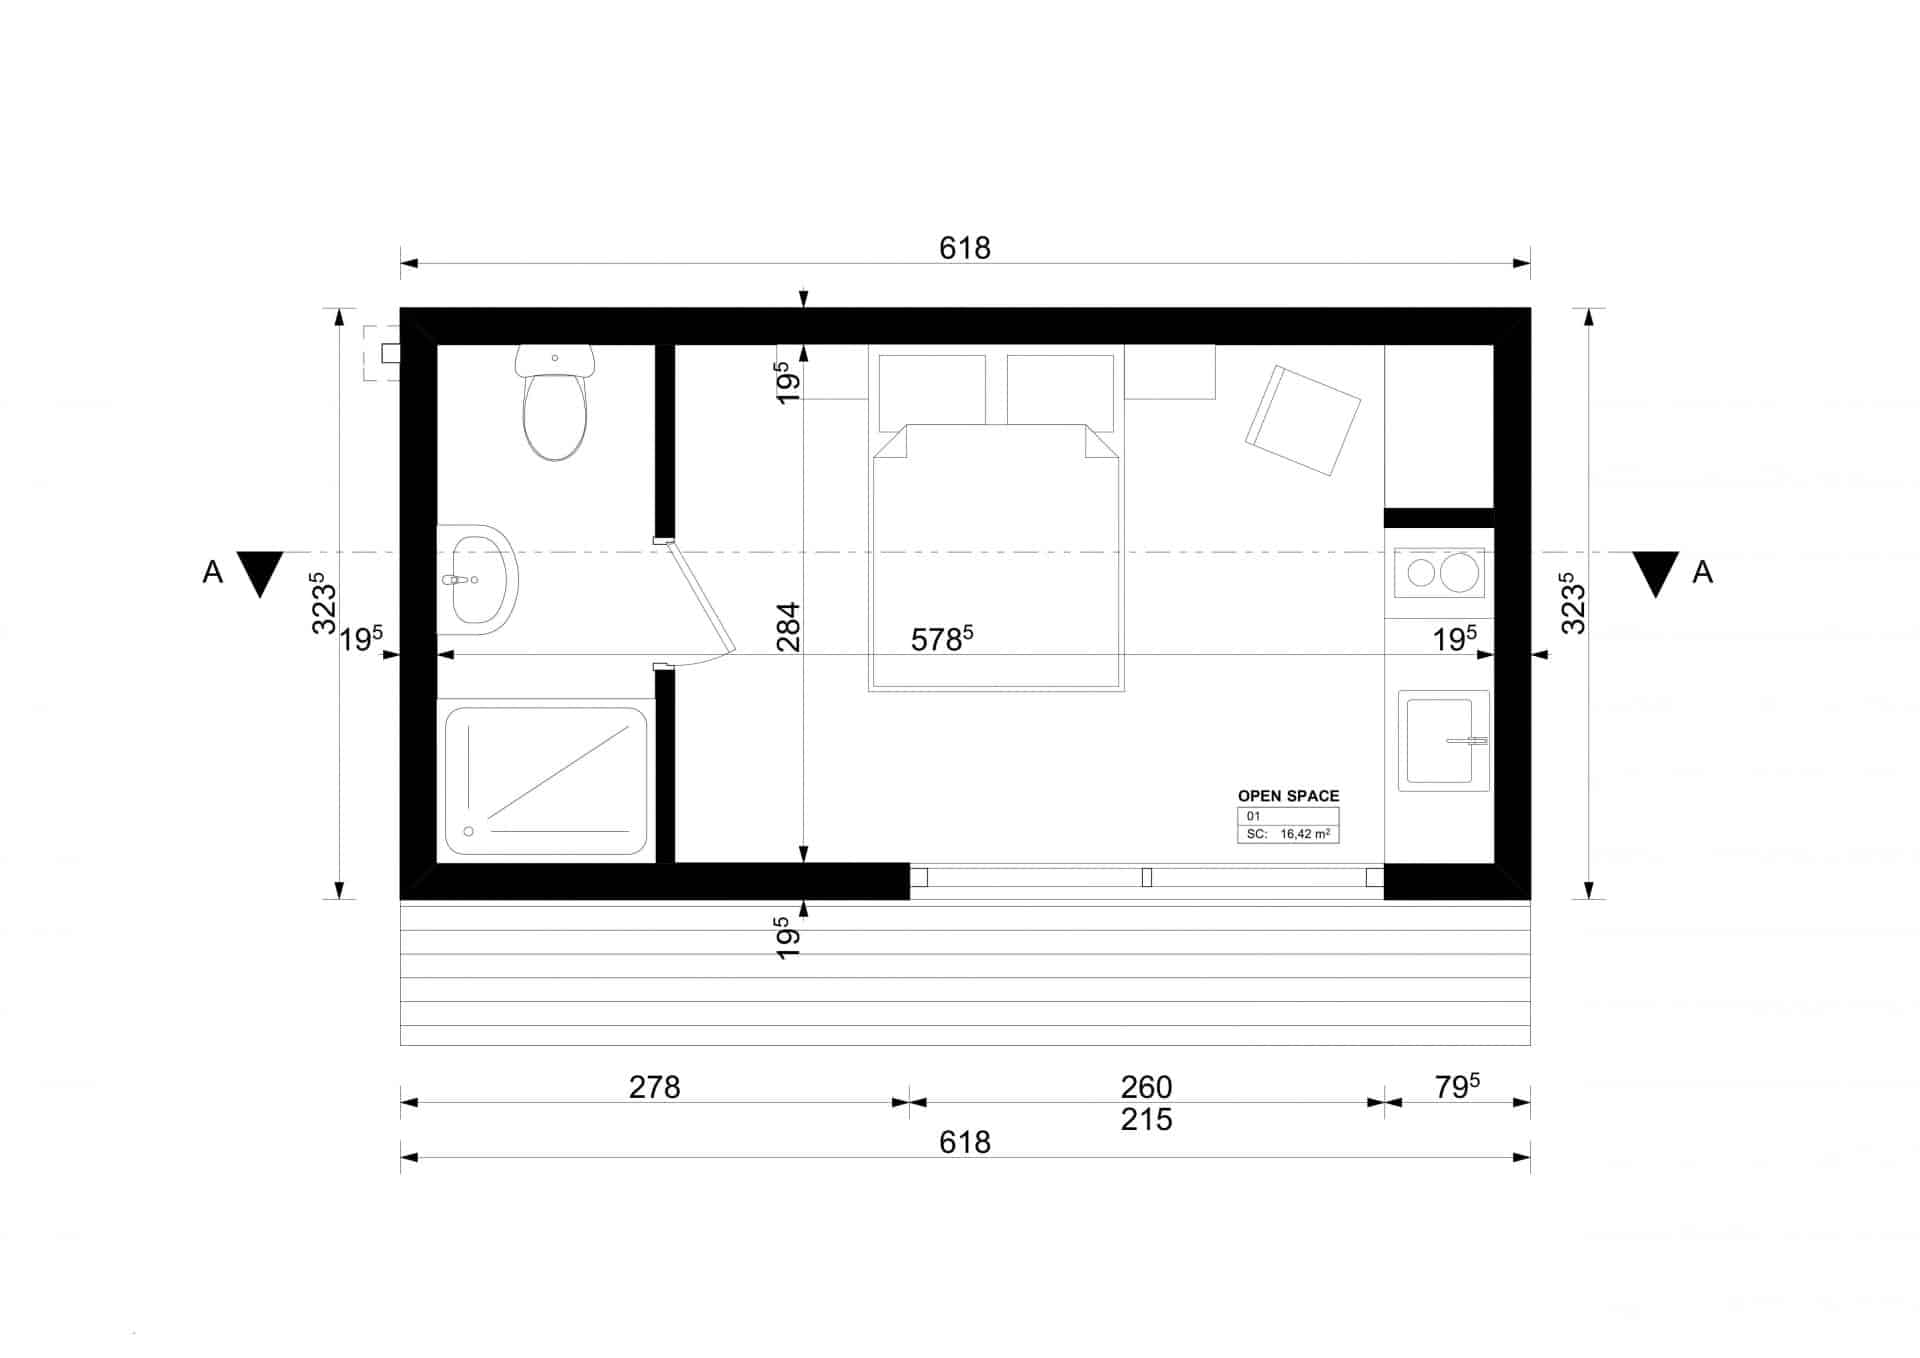 Studio de jardin 20m2 plan